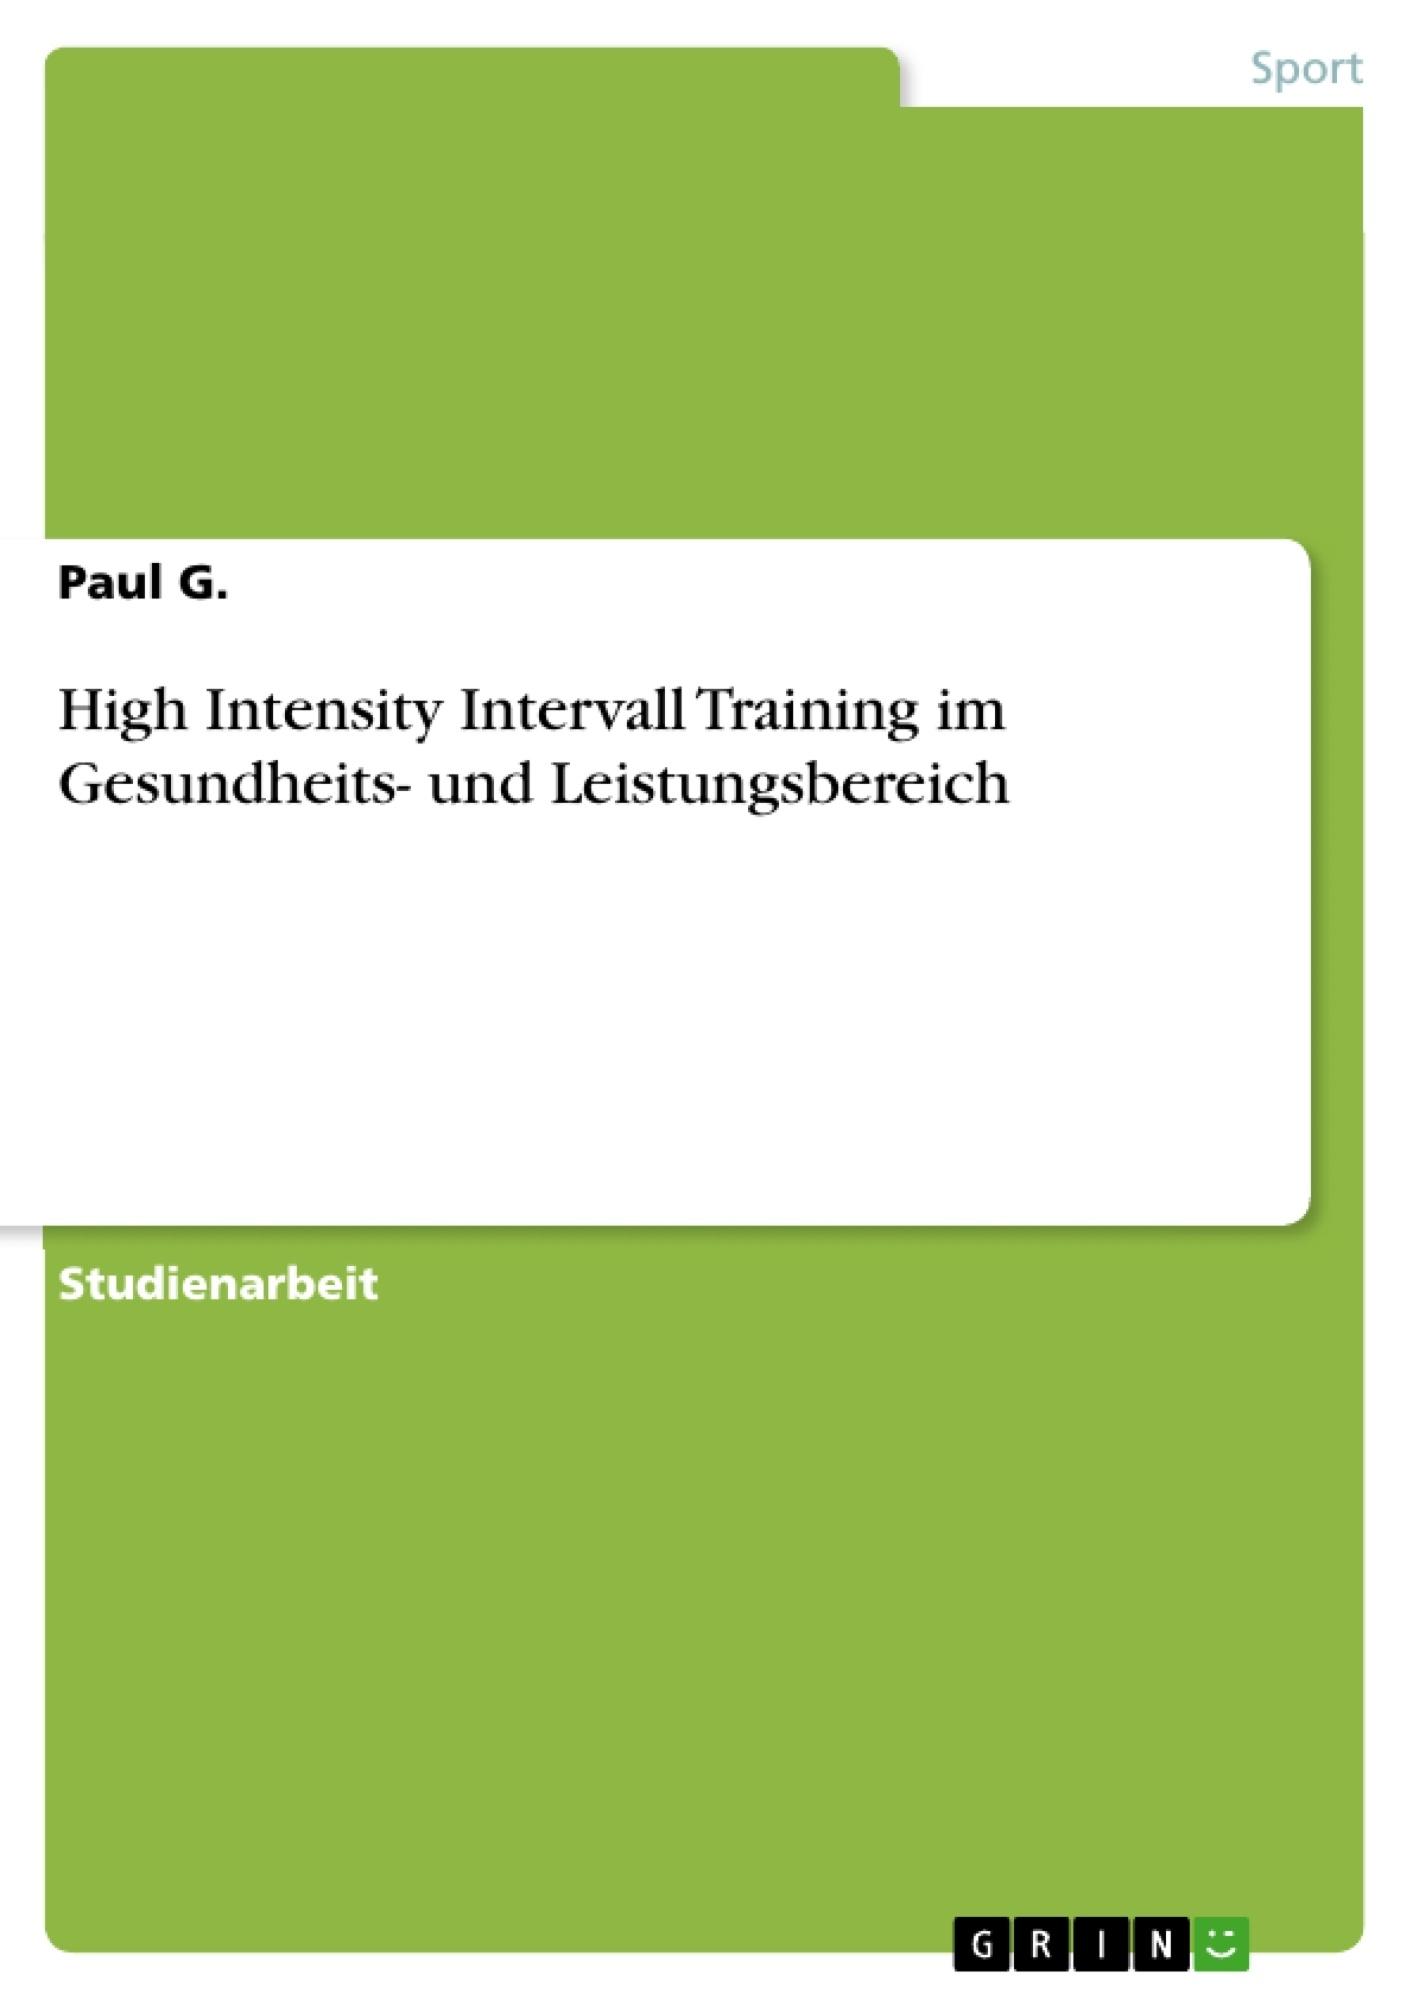 Titel: High Intensity Intervall Training im Gesundheits- und Leistungsbereich